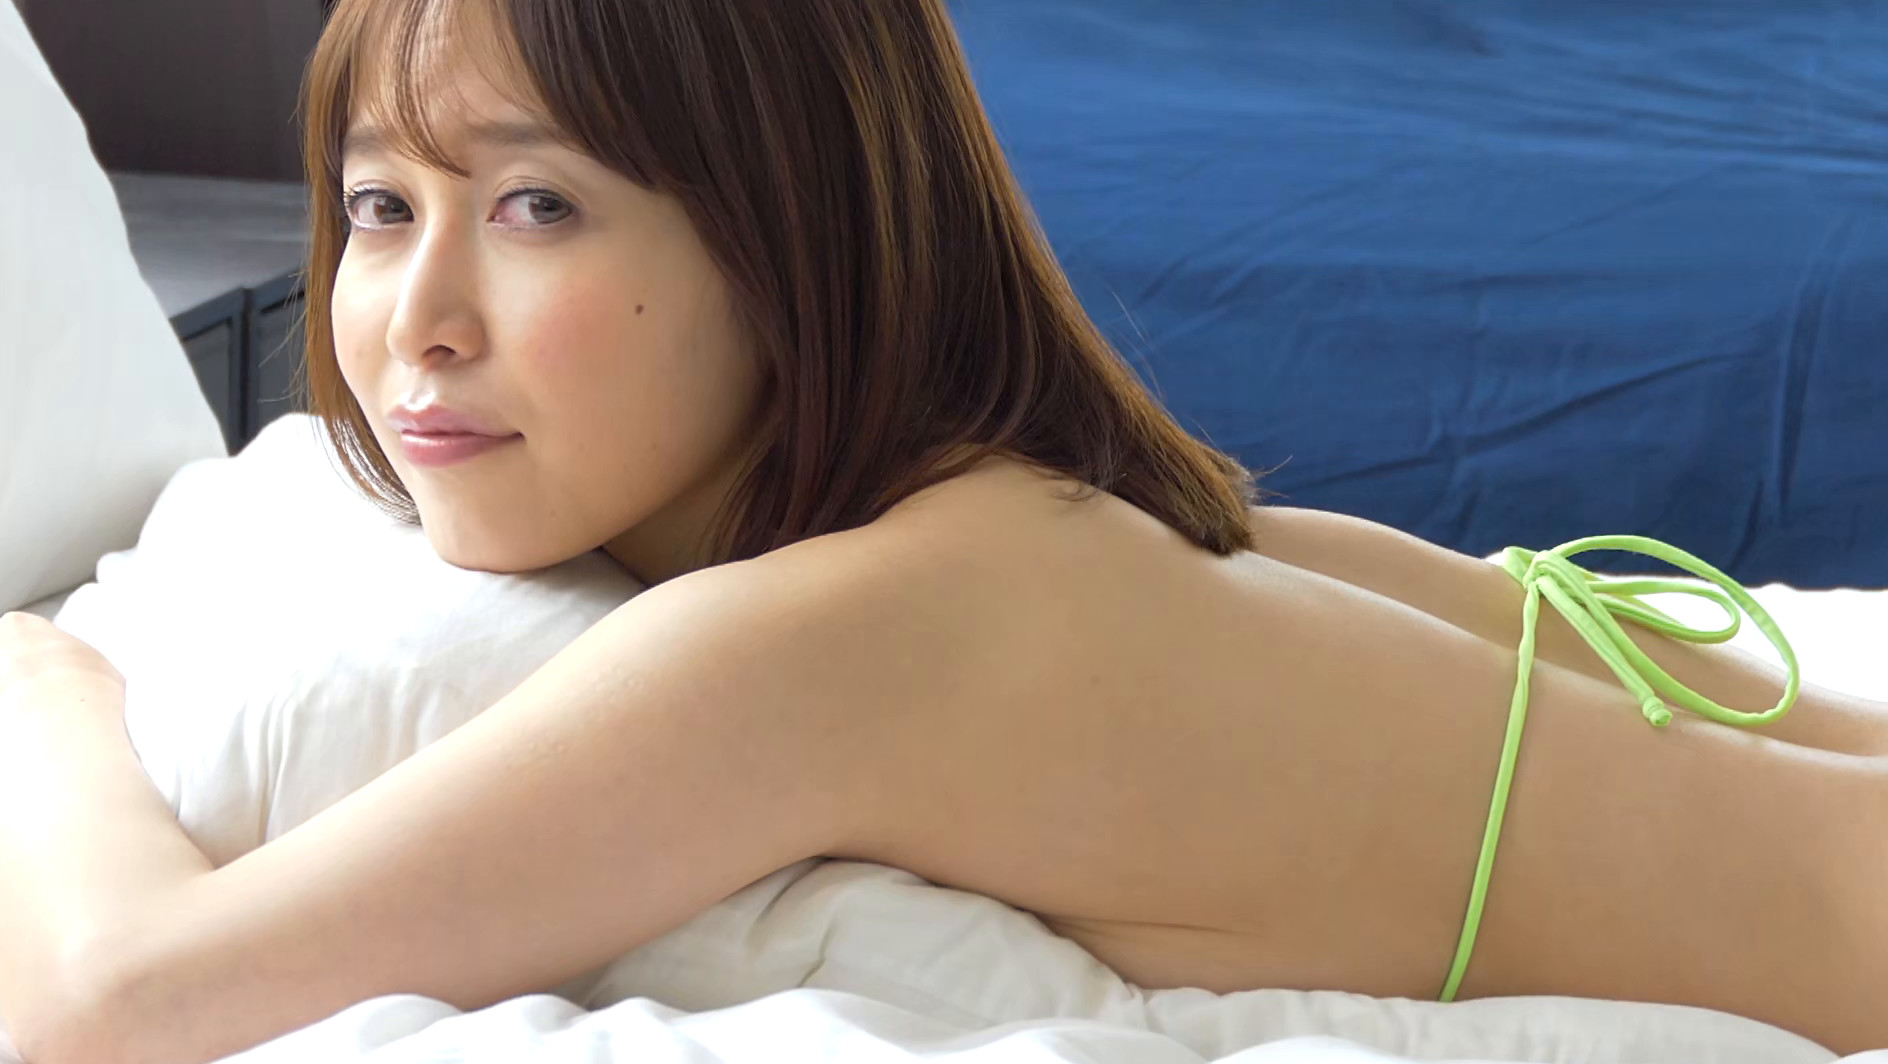 ヘアーヌード~無修正・美巨乳Fカップ・美尻・セクシー女優~ 篠田ゆう 画像10